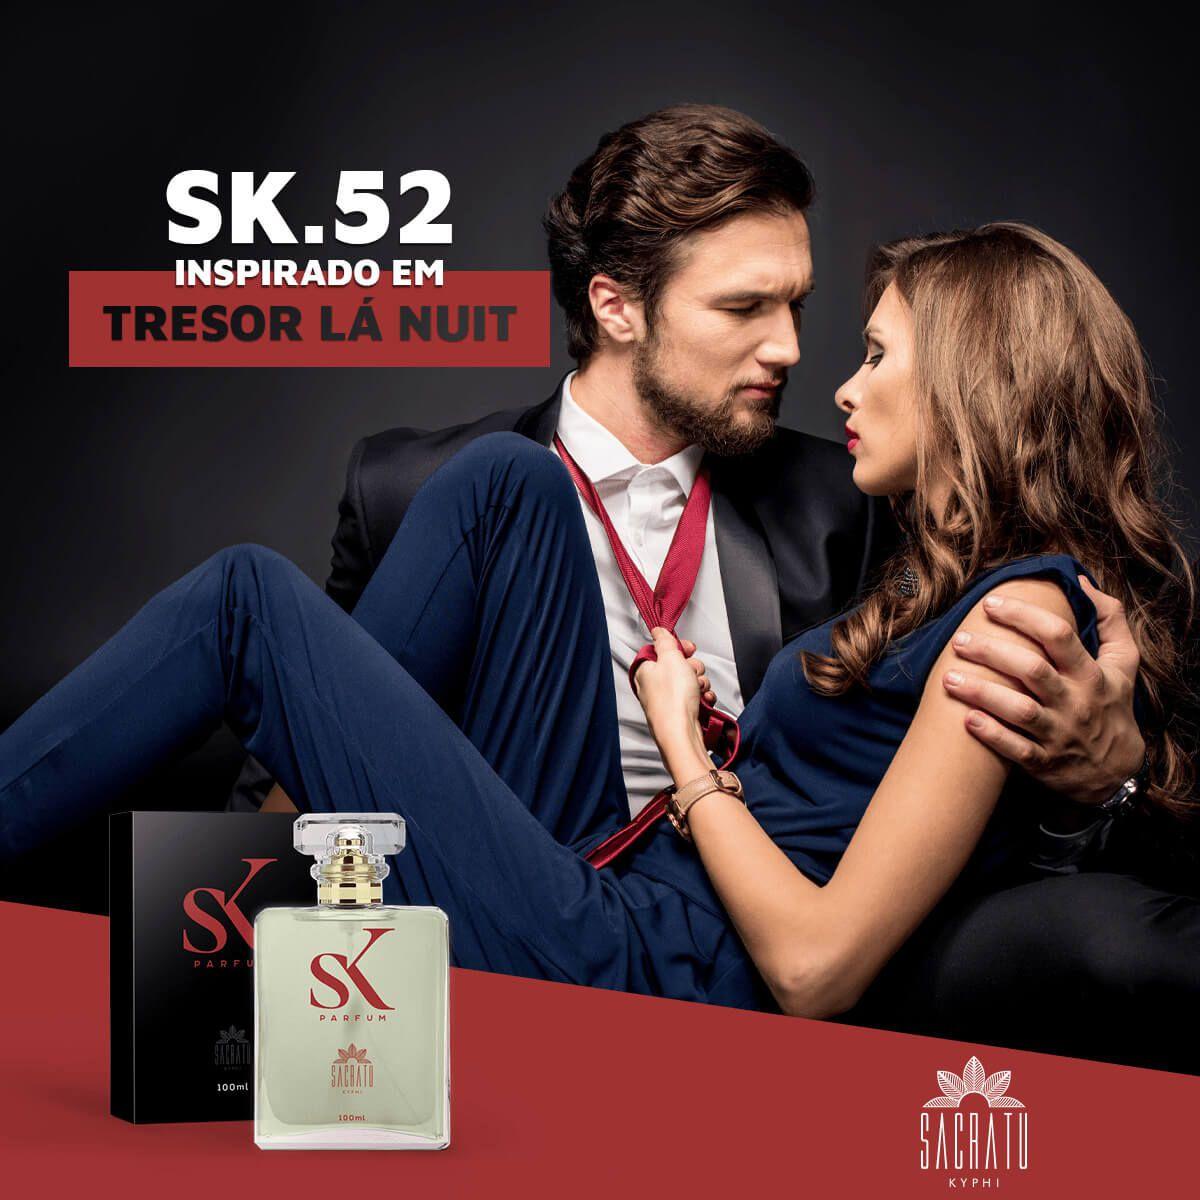 SK 52 Inspirado no Tresor La Nuit by Lancome Paris